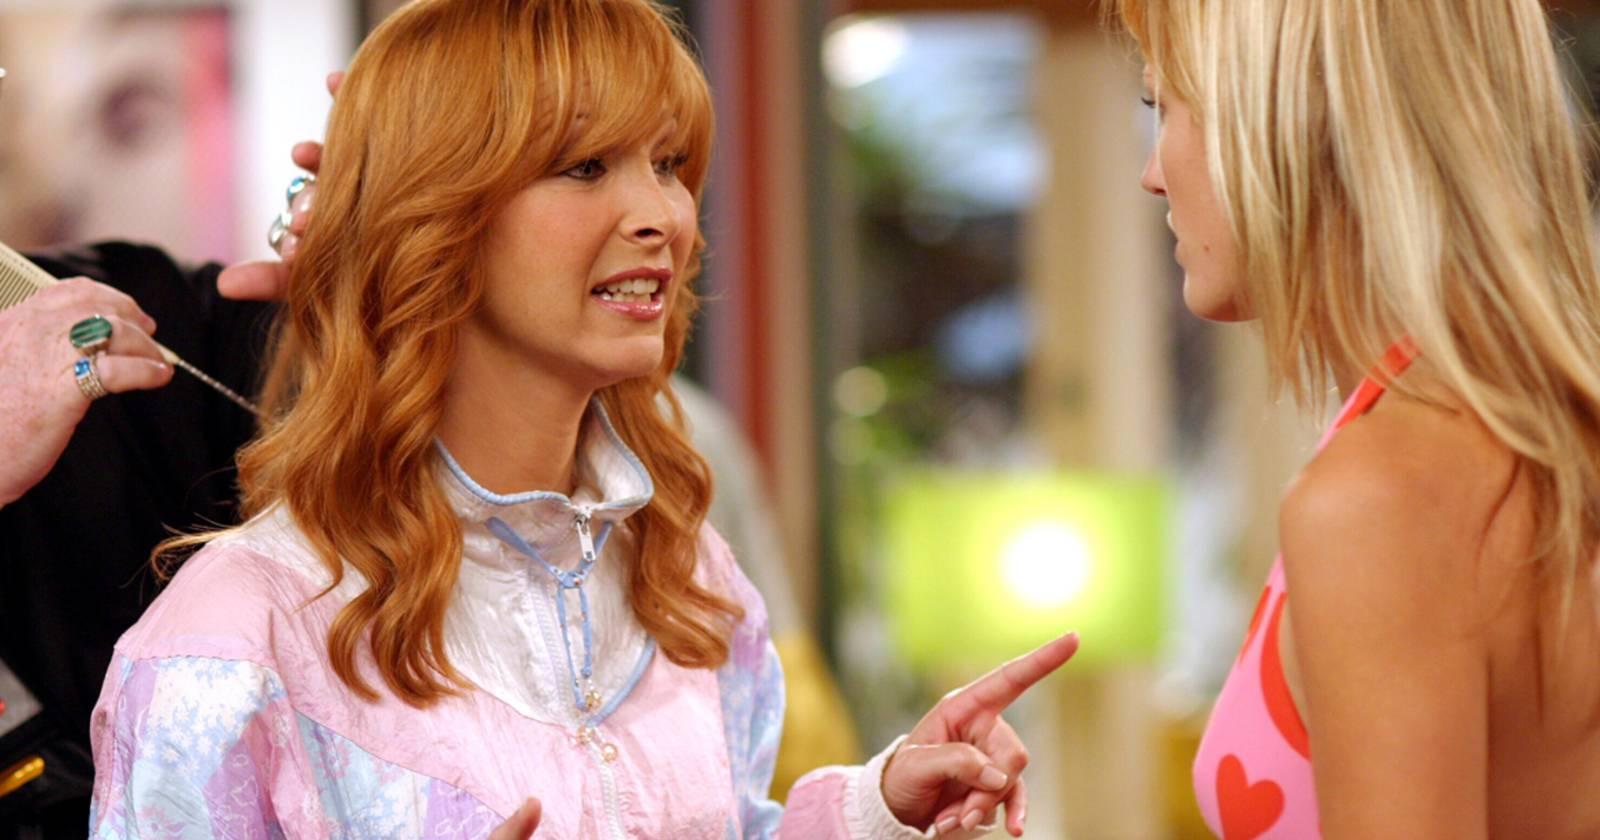 The Comeback, Valerie le da consejos a Juna en el set del sitcom